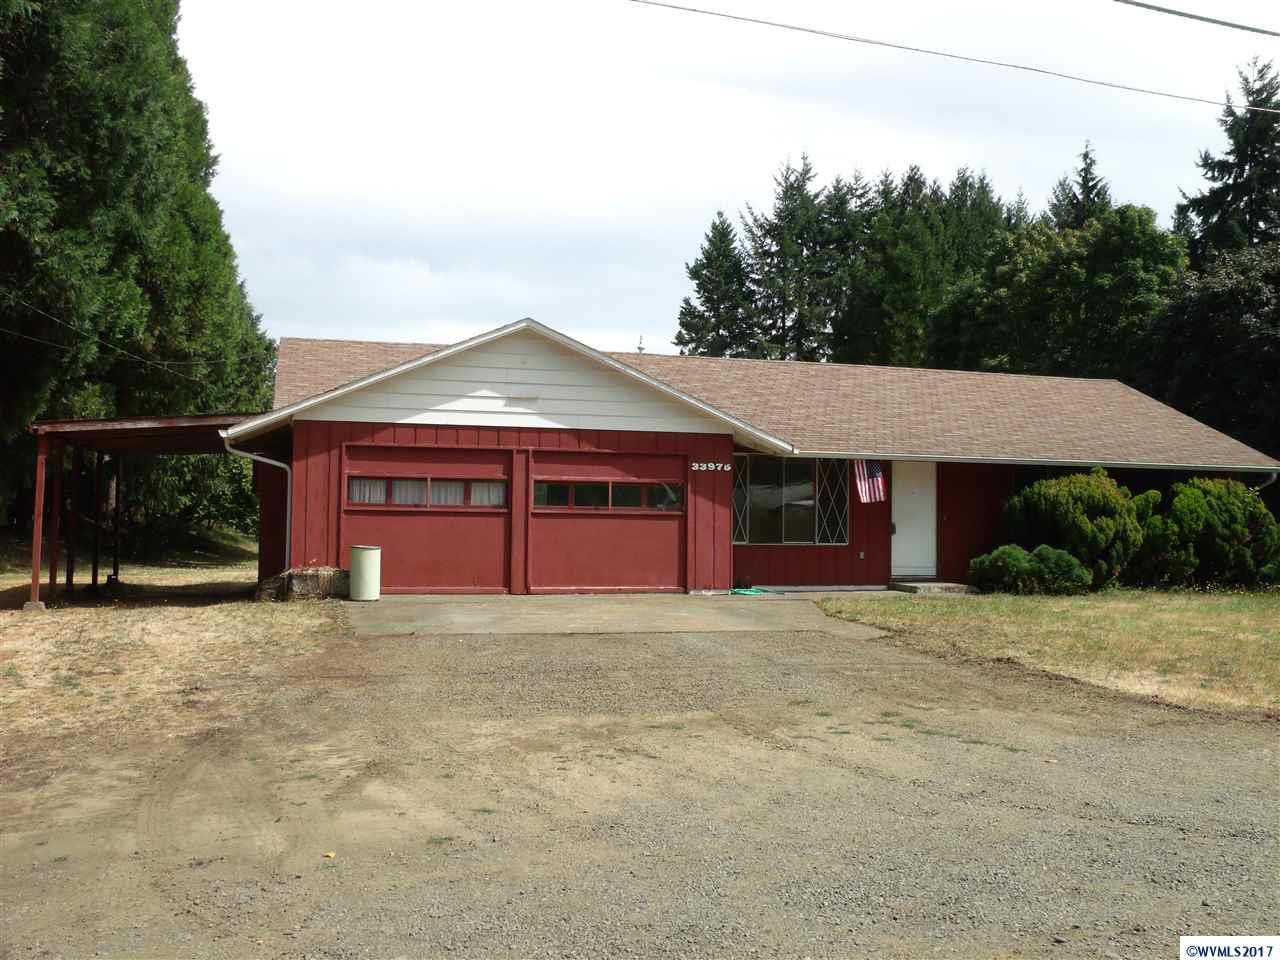 33975 NE Owl Pl, Corvallis, OR 97333